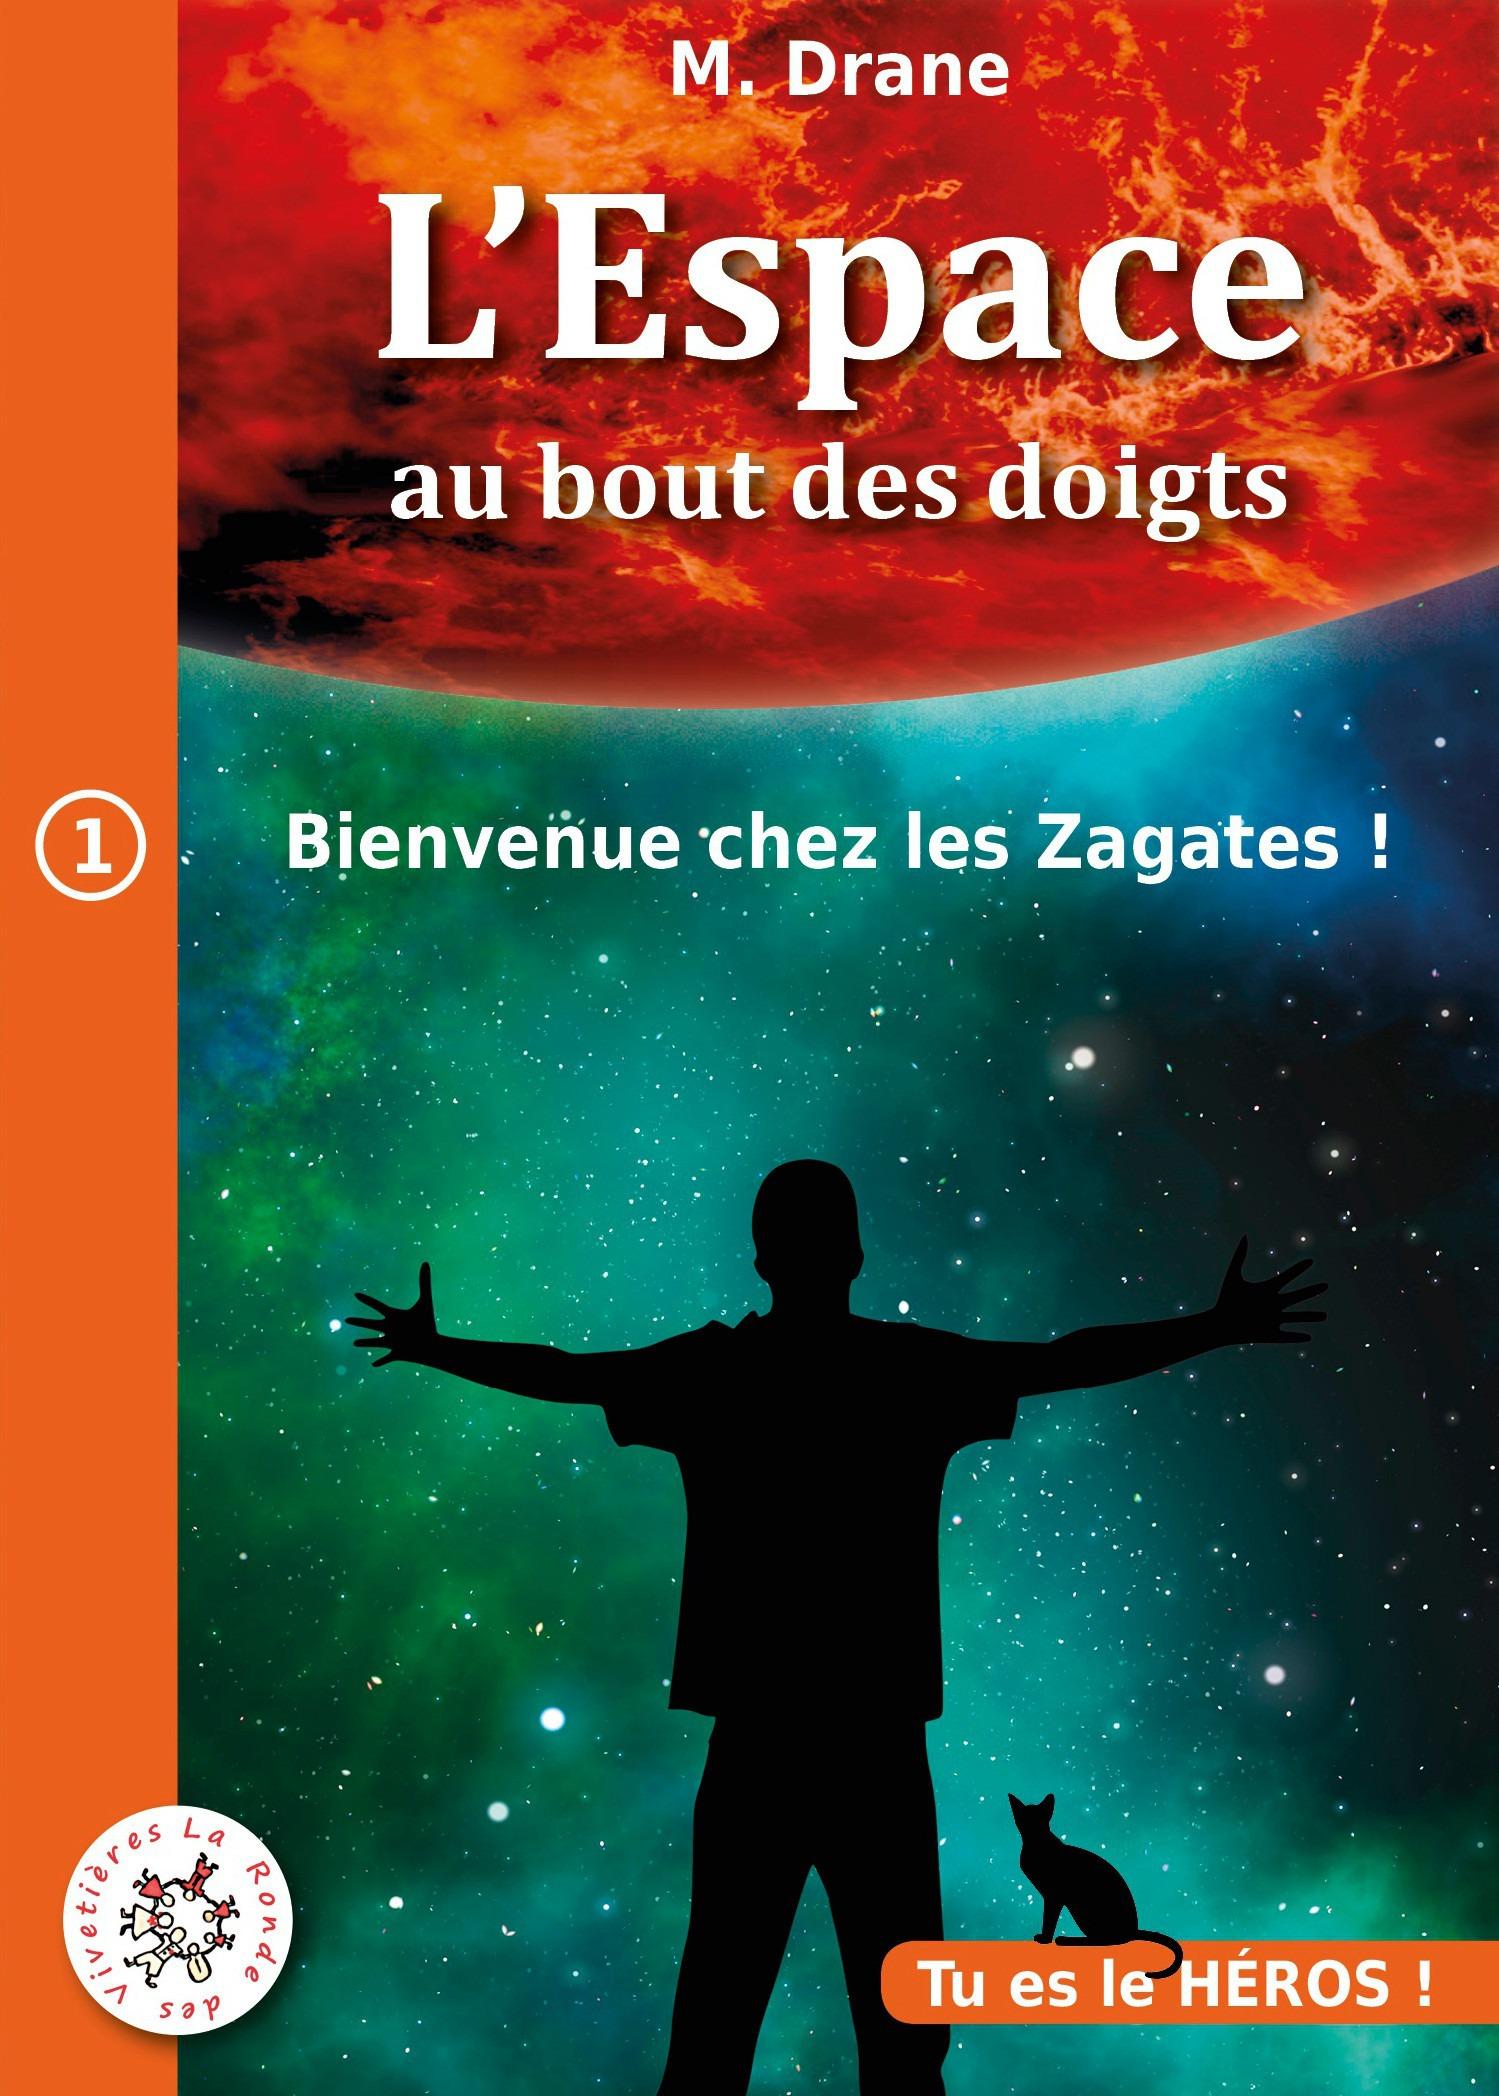 Bienvenue chez les Zagates ! : Livre dont vous êtes le héros